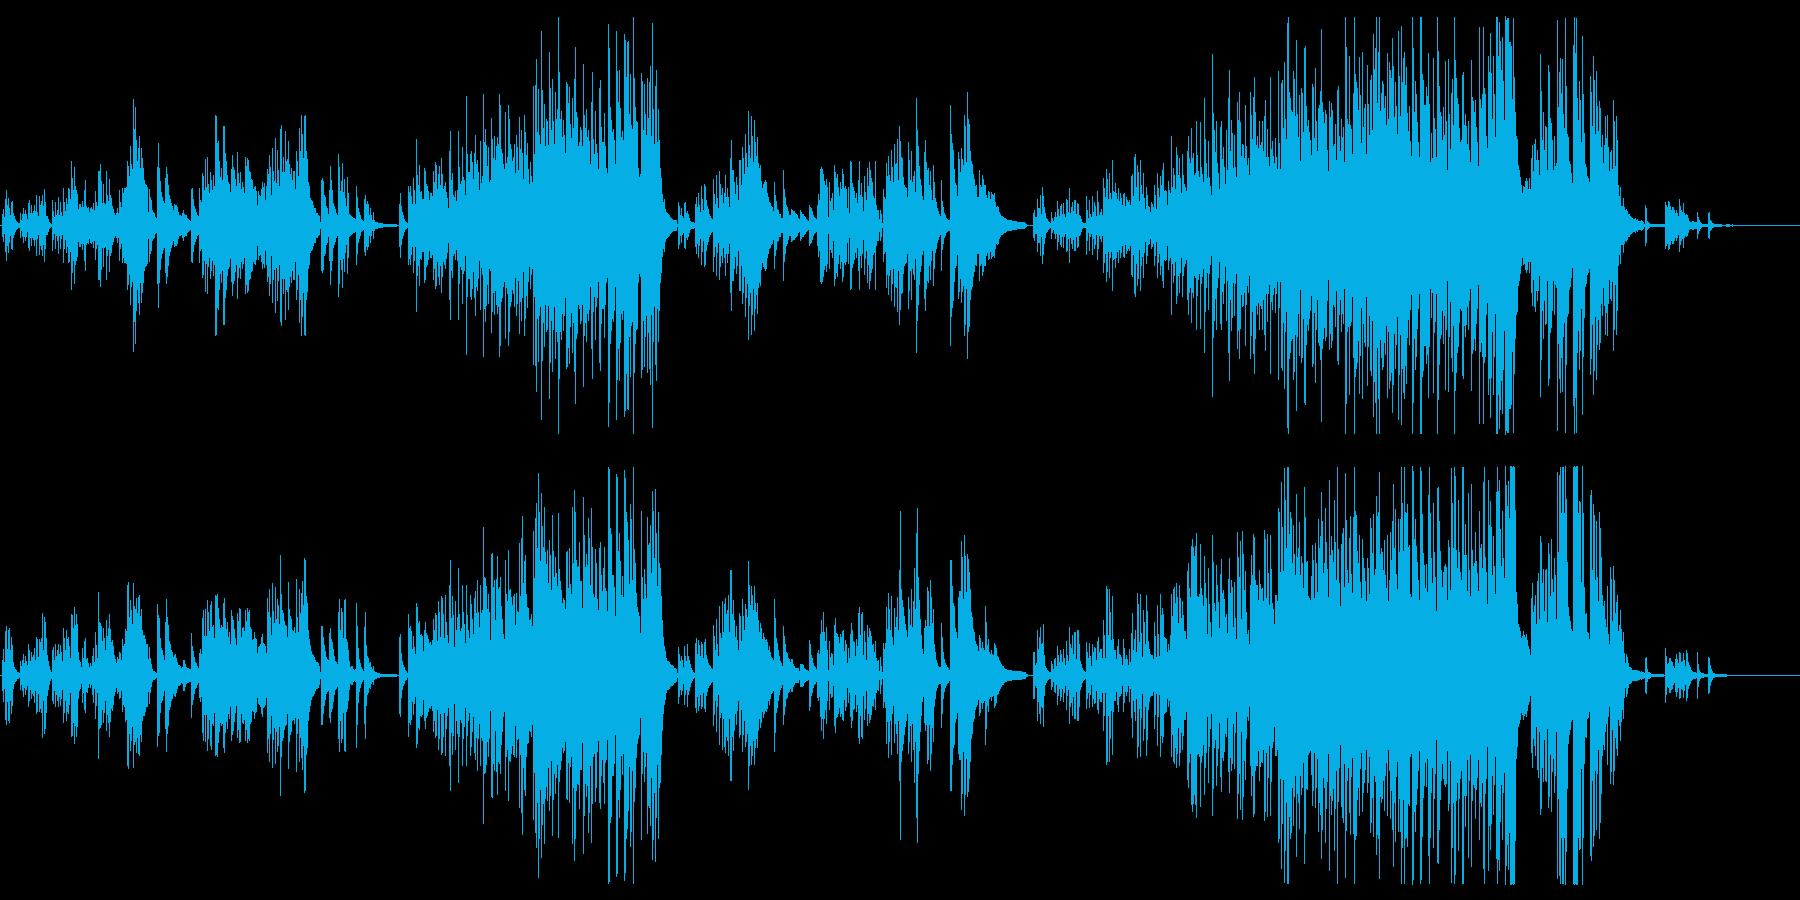 優しく切ないピアノ曲の再生済みの波形